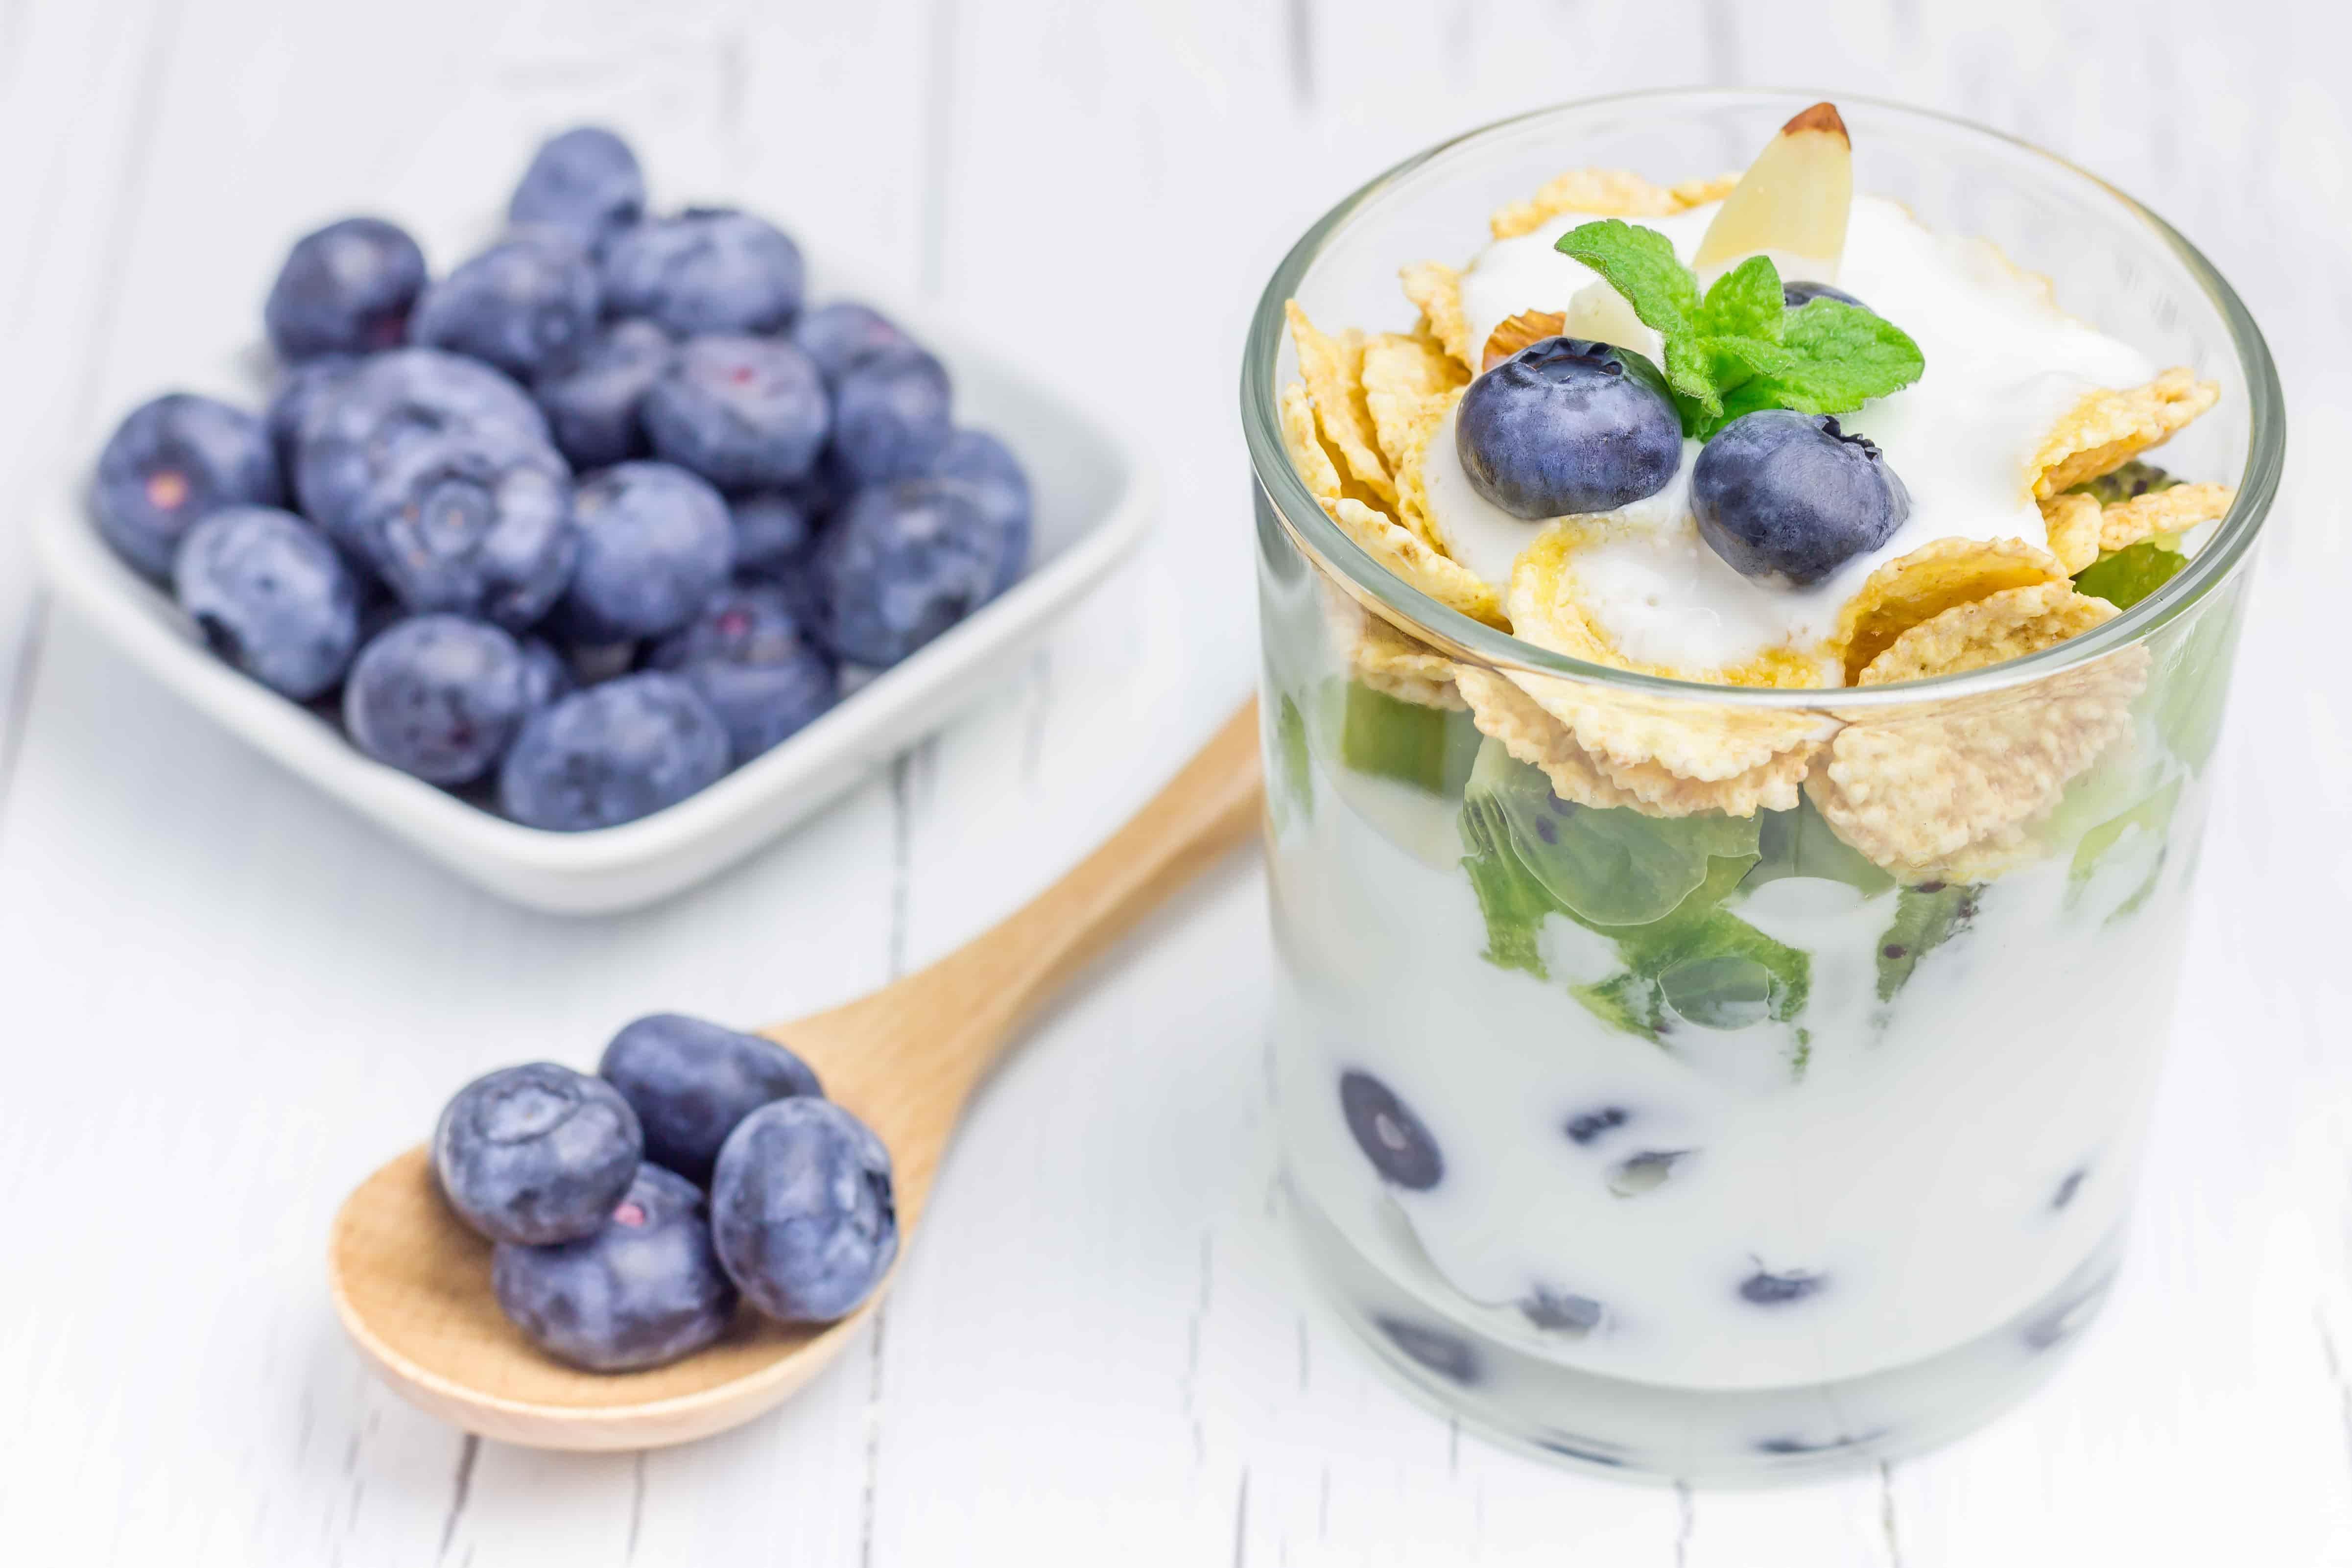 Рецепты ПП десертов. Приготовить сладости и вкусняшки для правильного питания на каждый день